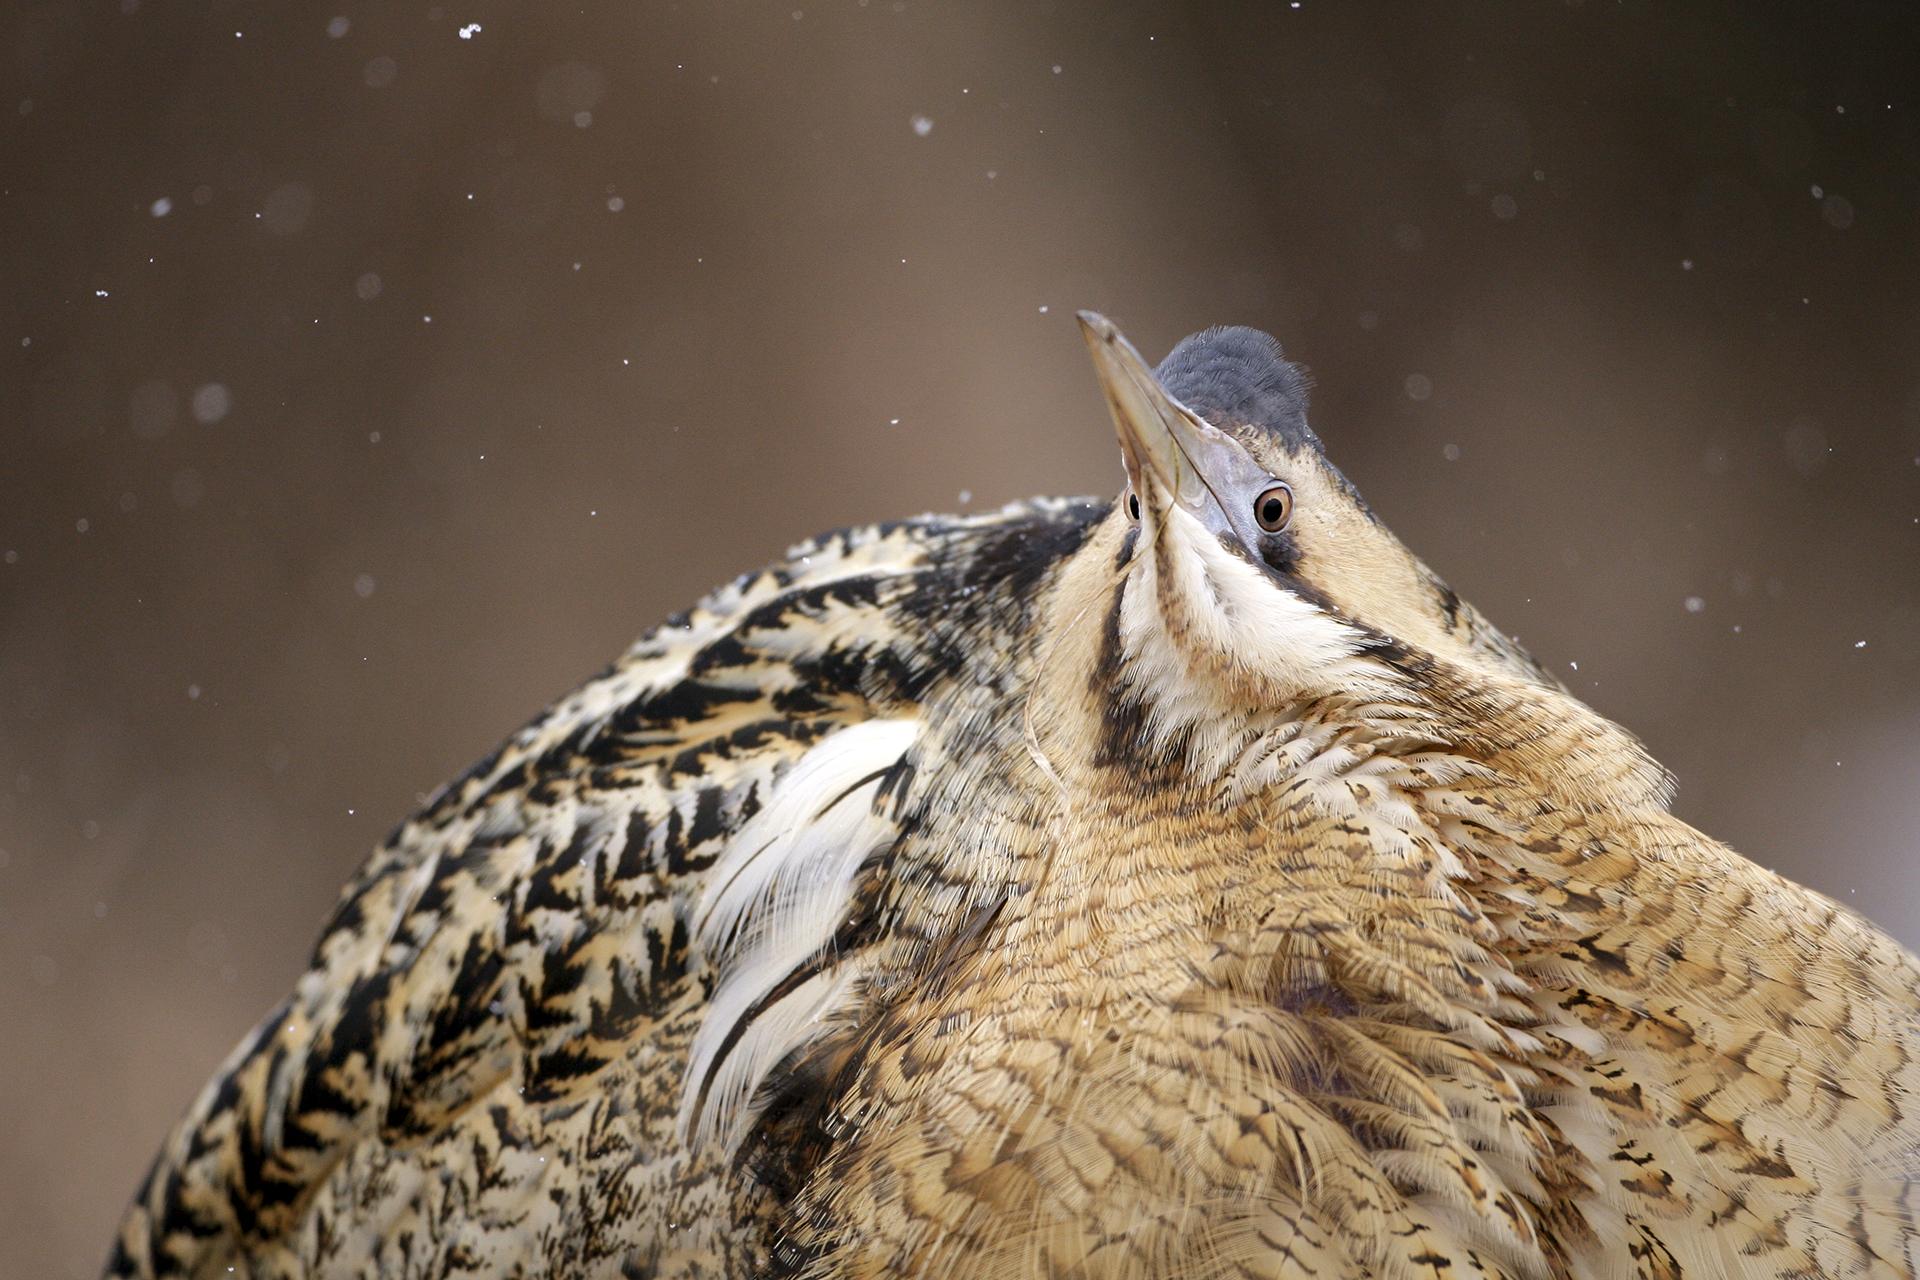 Смотреть фото птицы выпь